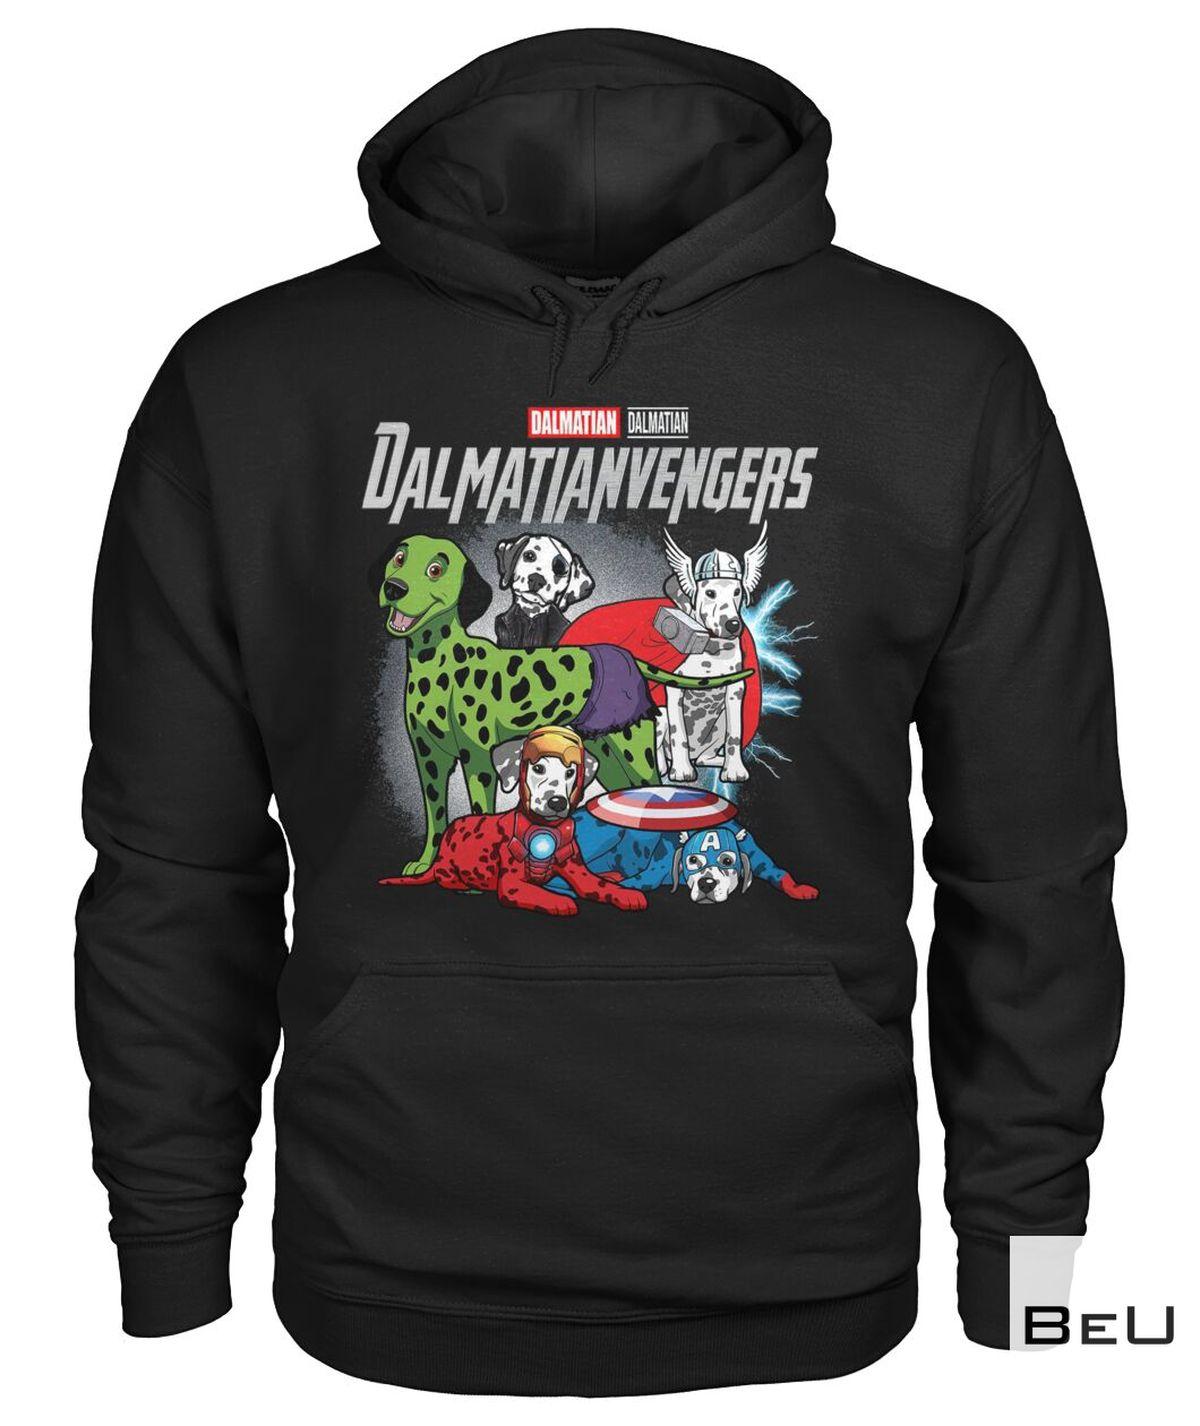 Dalmatian Dalmatianvengers Avengers Shirtz